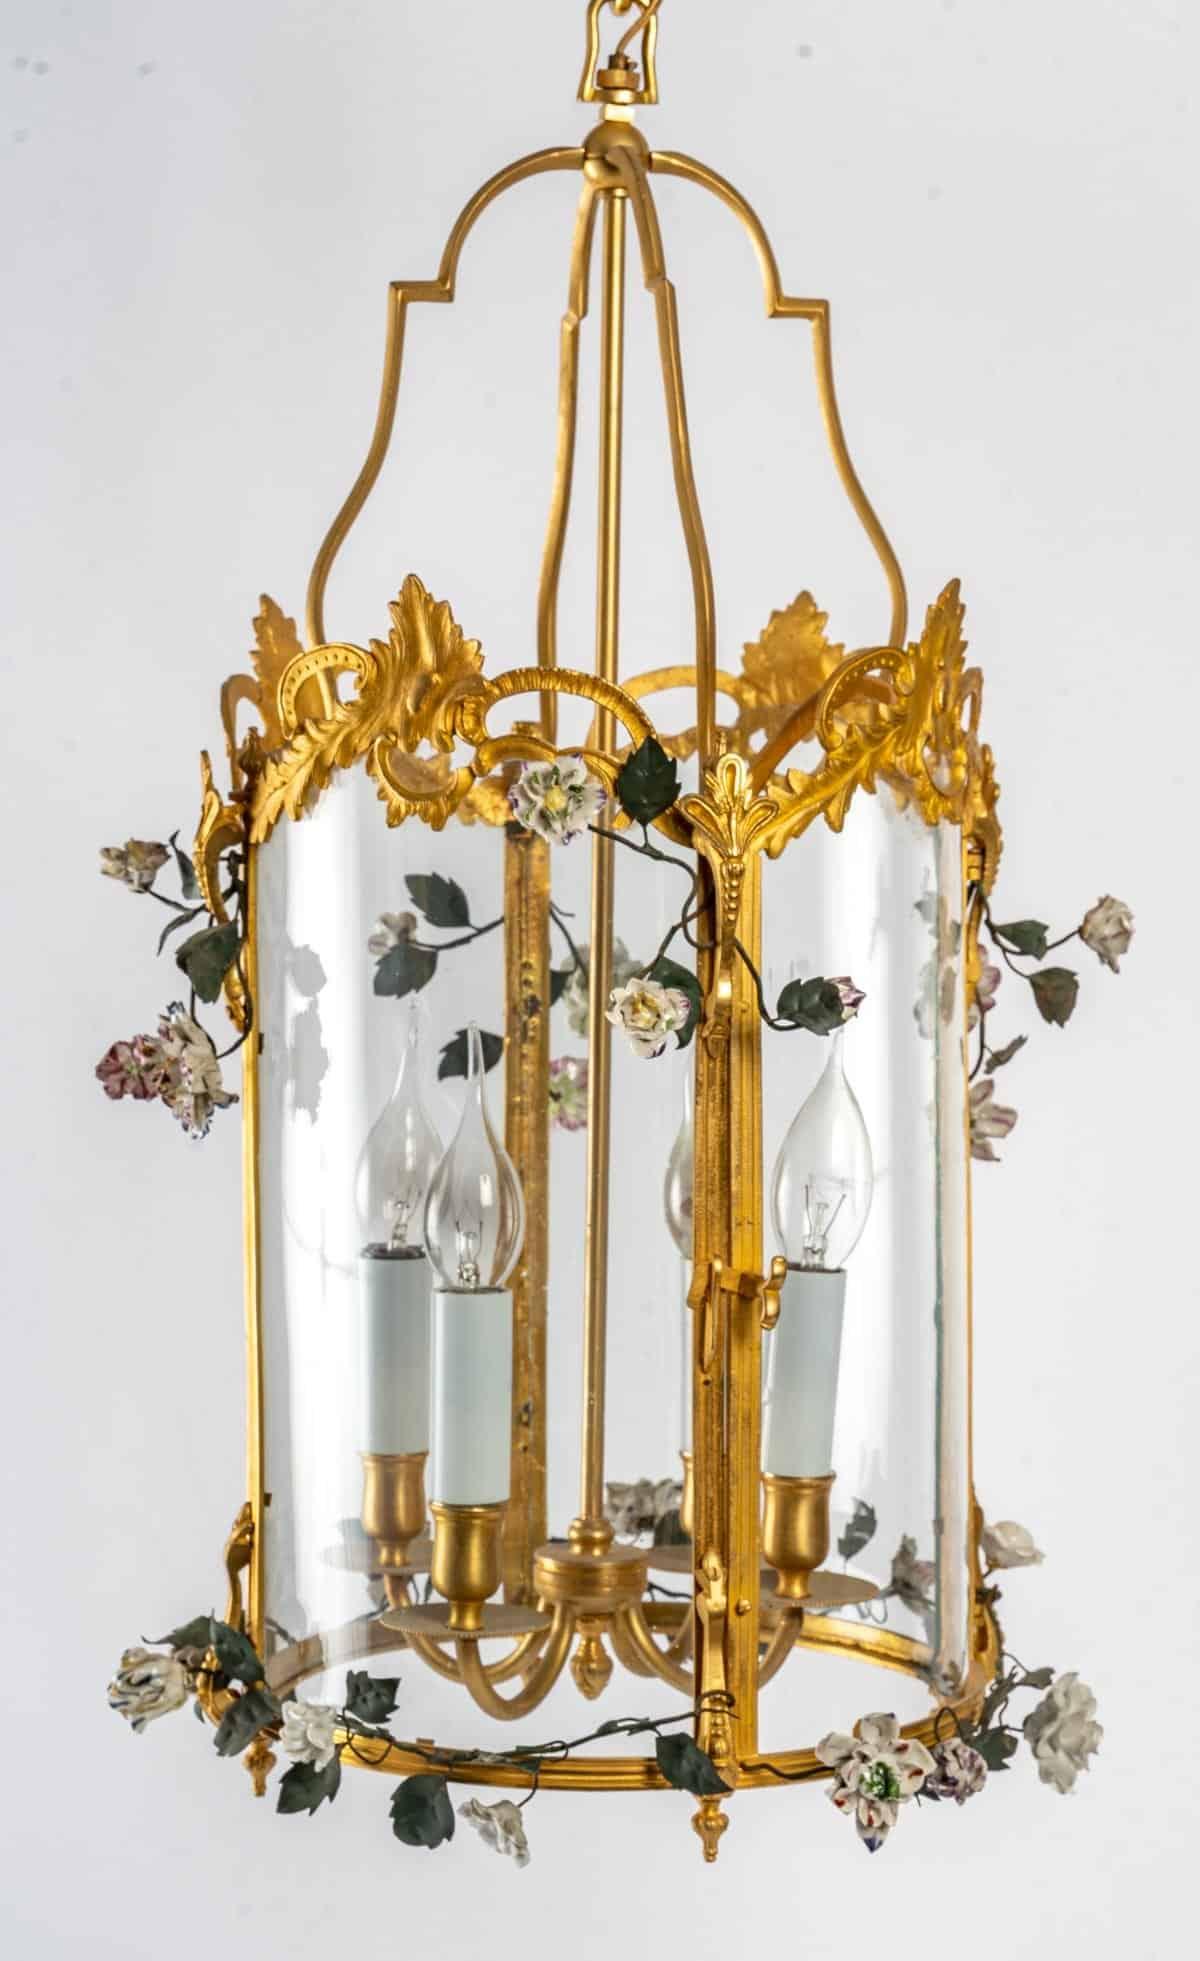 le march biron lanterne de style louis xv d cor de. Black Bedroom Furniture Sets. Home Design Ideas